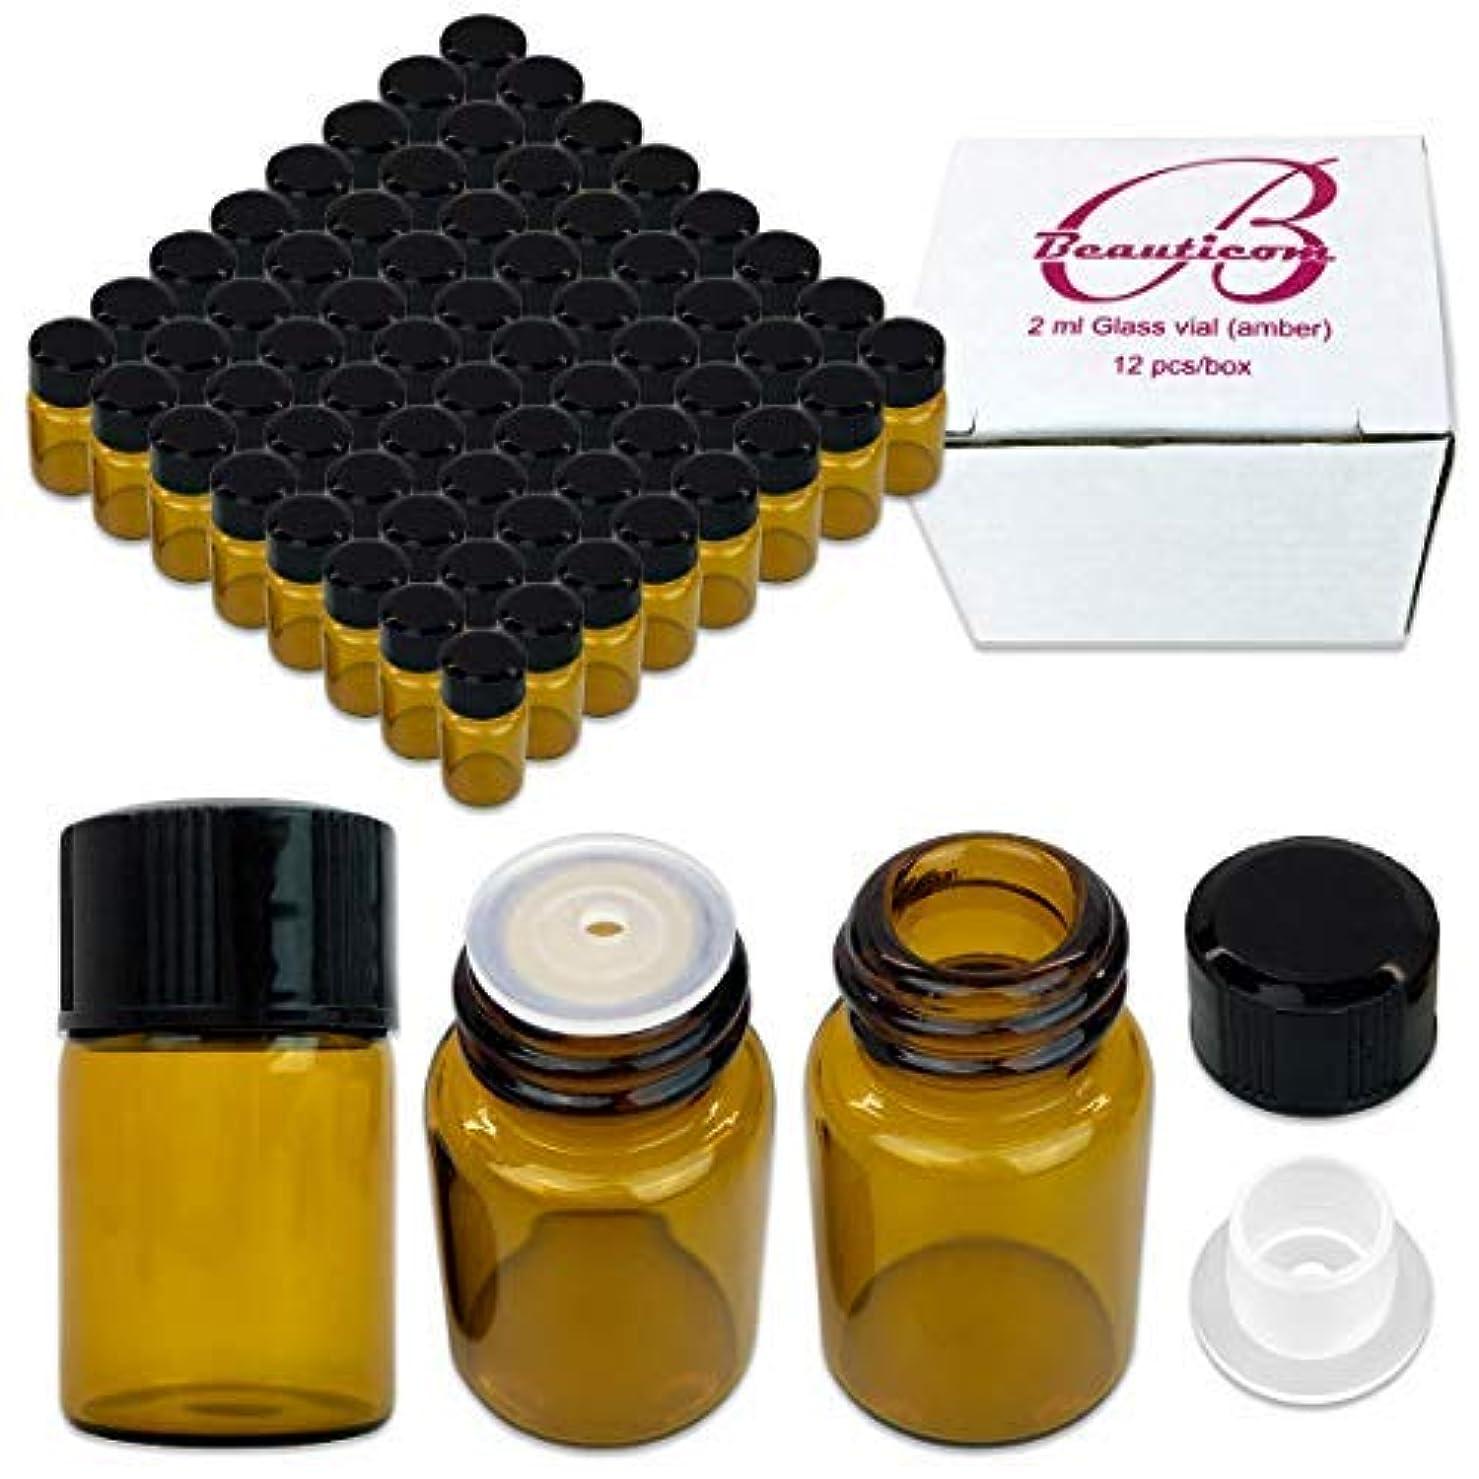 君主ランドリー前売84 Packs Beauticom 2ML Amber Glass Vial for Essential Oils, Aromatherapy, Fragrance, Serums, Spritzes, with Orifice...